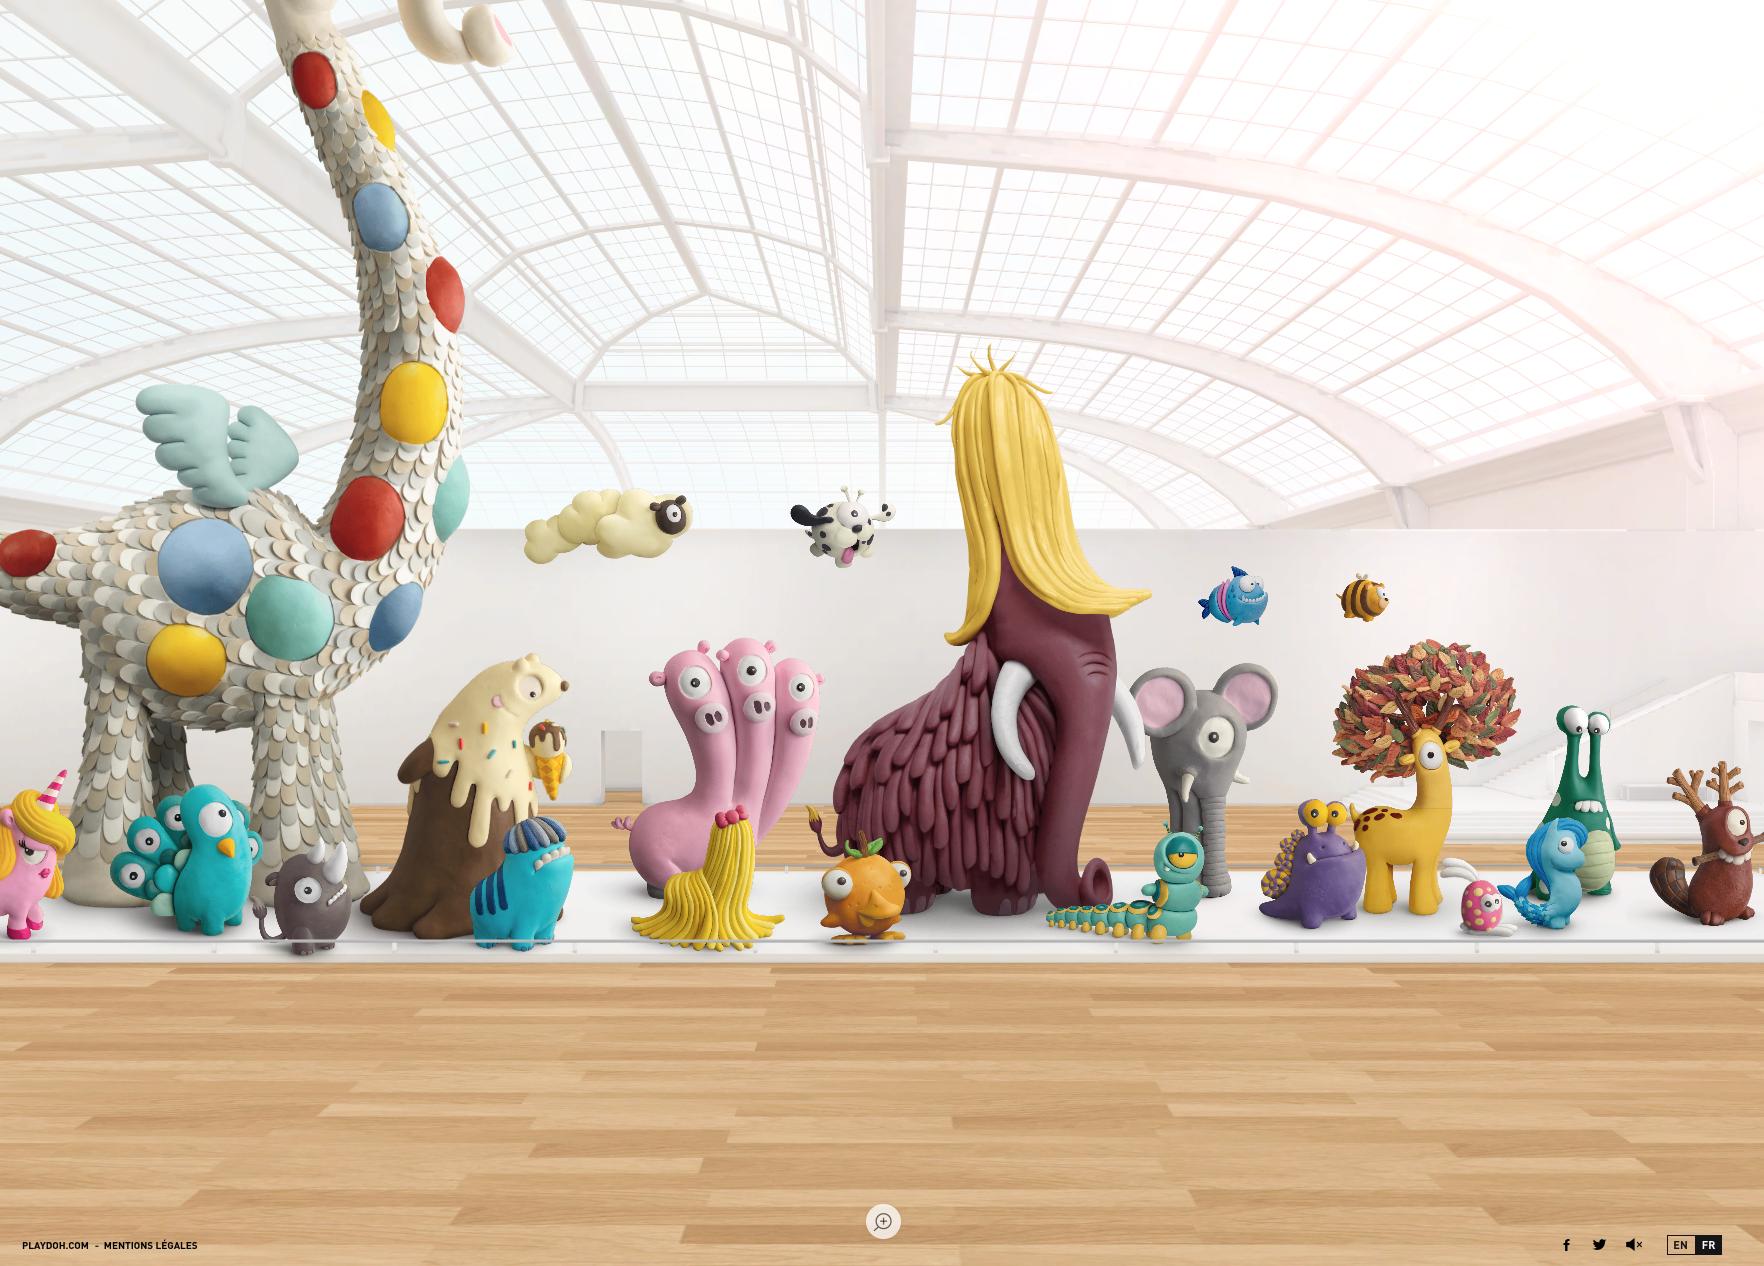 """Site la """"Galerie des espèces"""" avec des animaux imaginaires créés en pâte à modeler."""